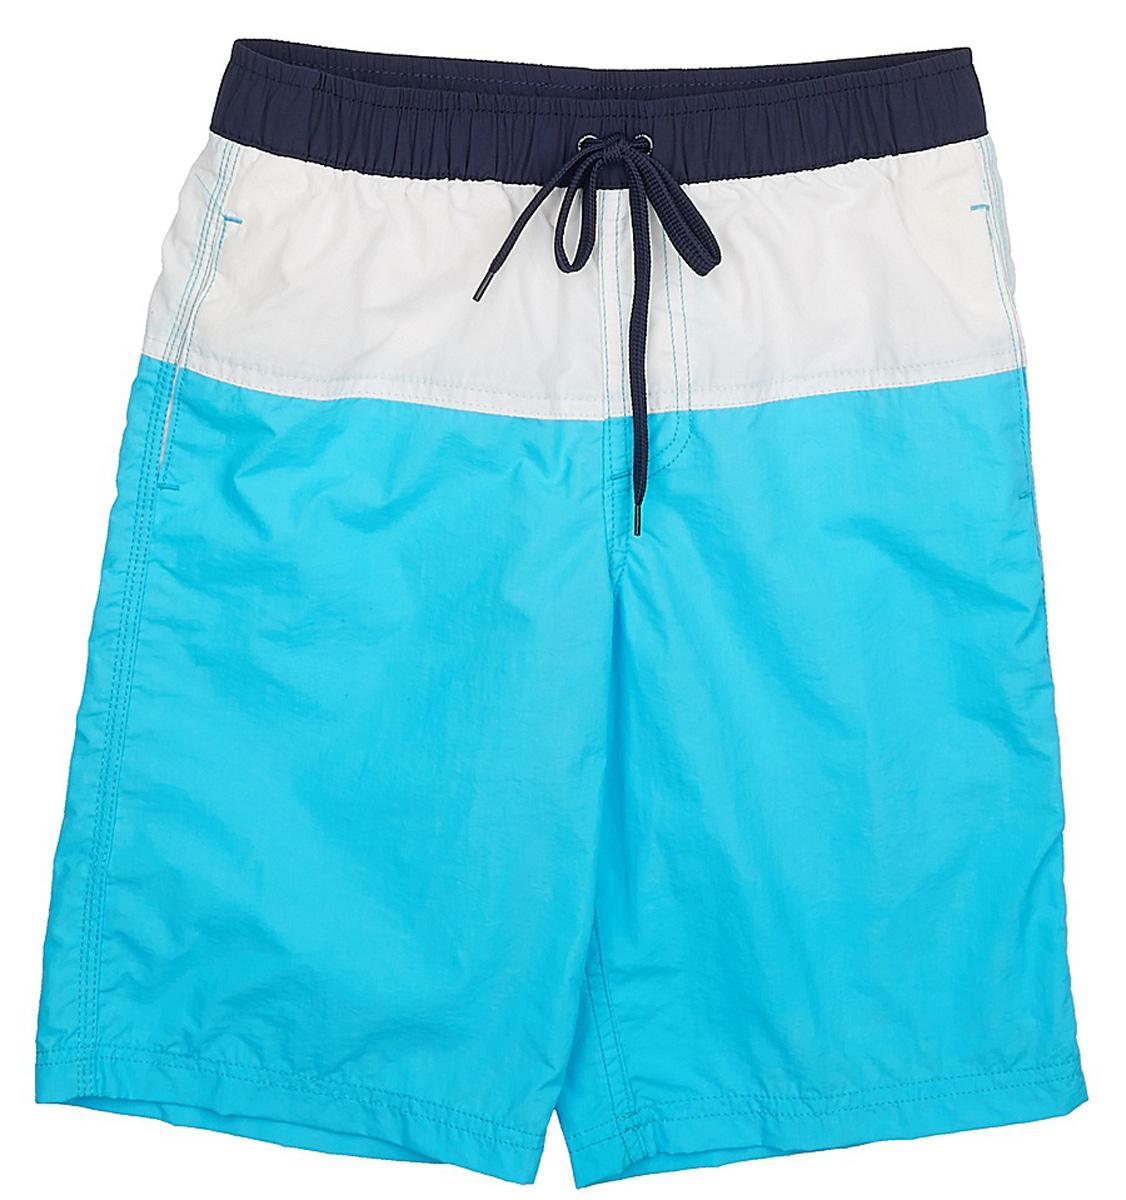 Шорты пляжные для мальчика Sela, цвет: светлый аквамарин. SHsp-815/334-7225. Размер 122SHsp-815/334-7225Пляжные шорты для мальчика Sela, изготовленные из качественного материала трех цветов, - идеальный вариант, как для купания, так и для отдыха на пляже. Модель с вшитыми сетчатыми трусиками на поясе имеет эластичную резинку, регулируемую шнурком, благодаря чему шорты не сдавливают живот ребенка и не сползают. Изделие дополнено двумя прорезными карманами.Шорты быстро сохнут и сохраняют первоначальный вид и форму даже при длительном использовании.